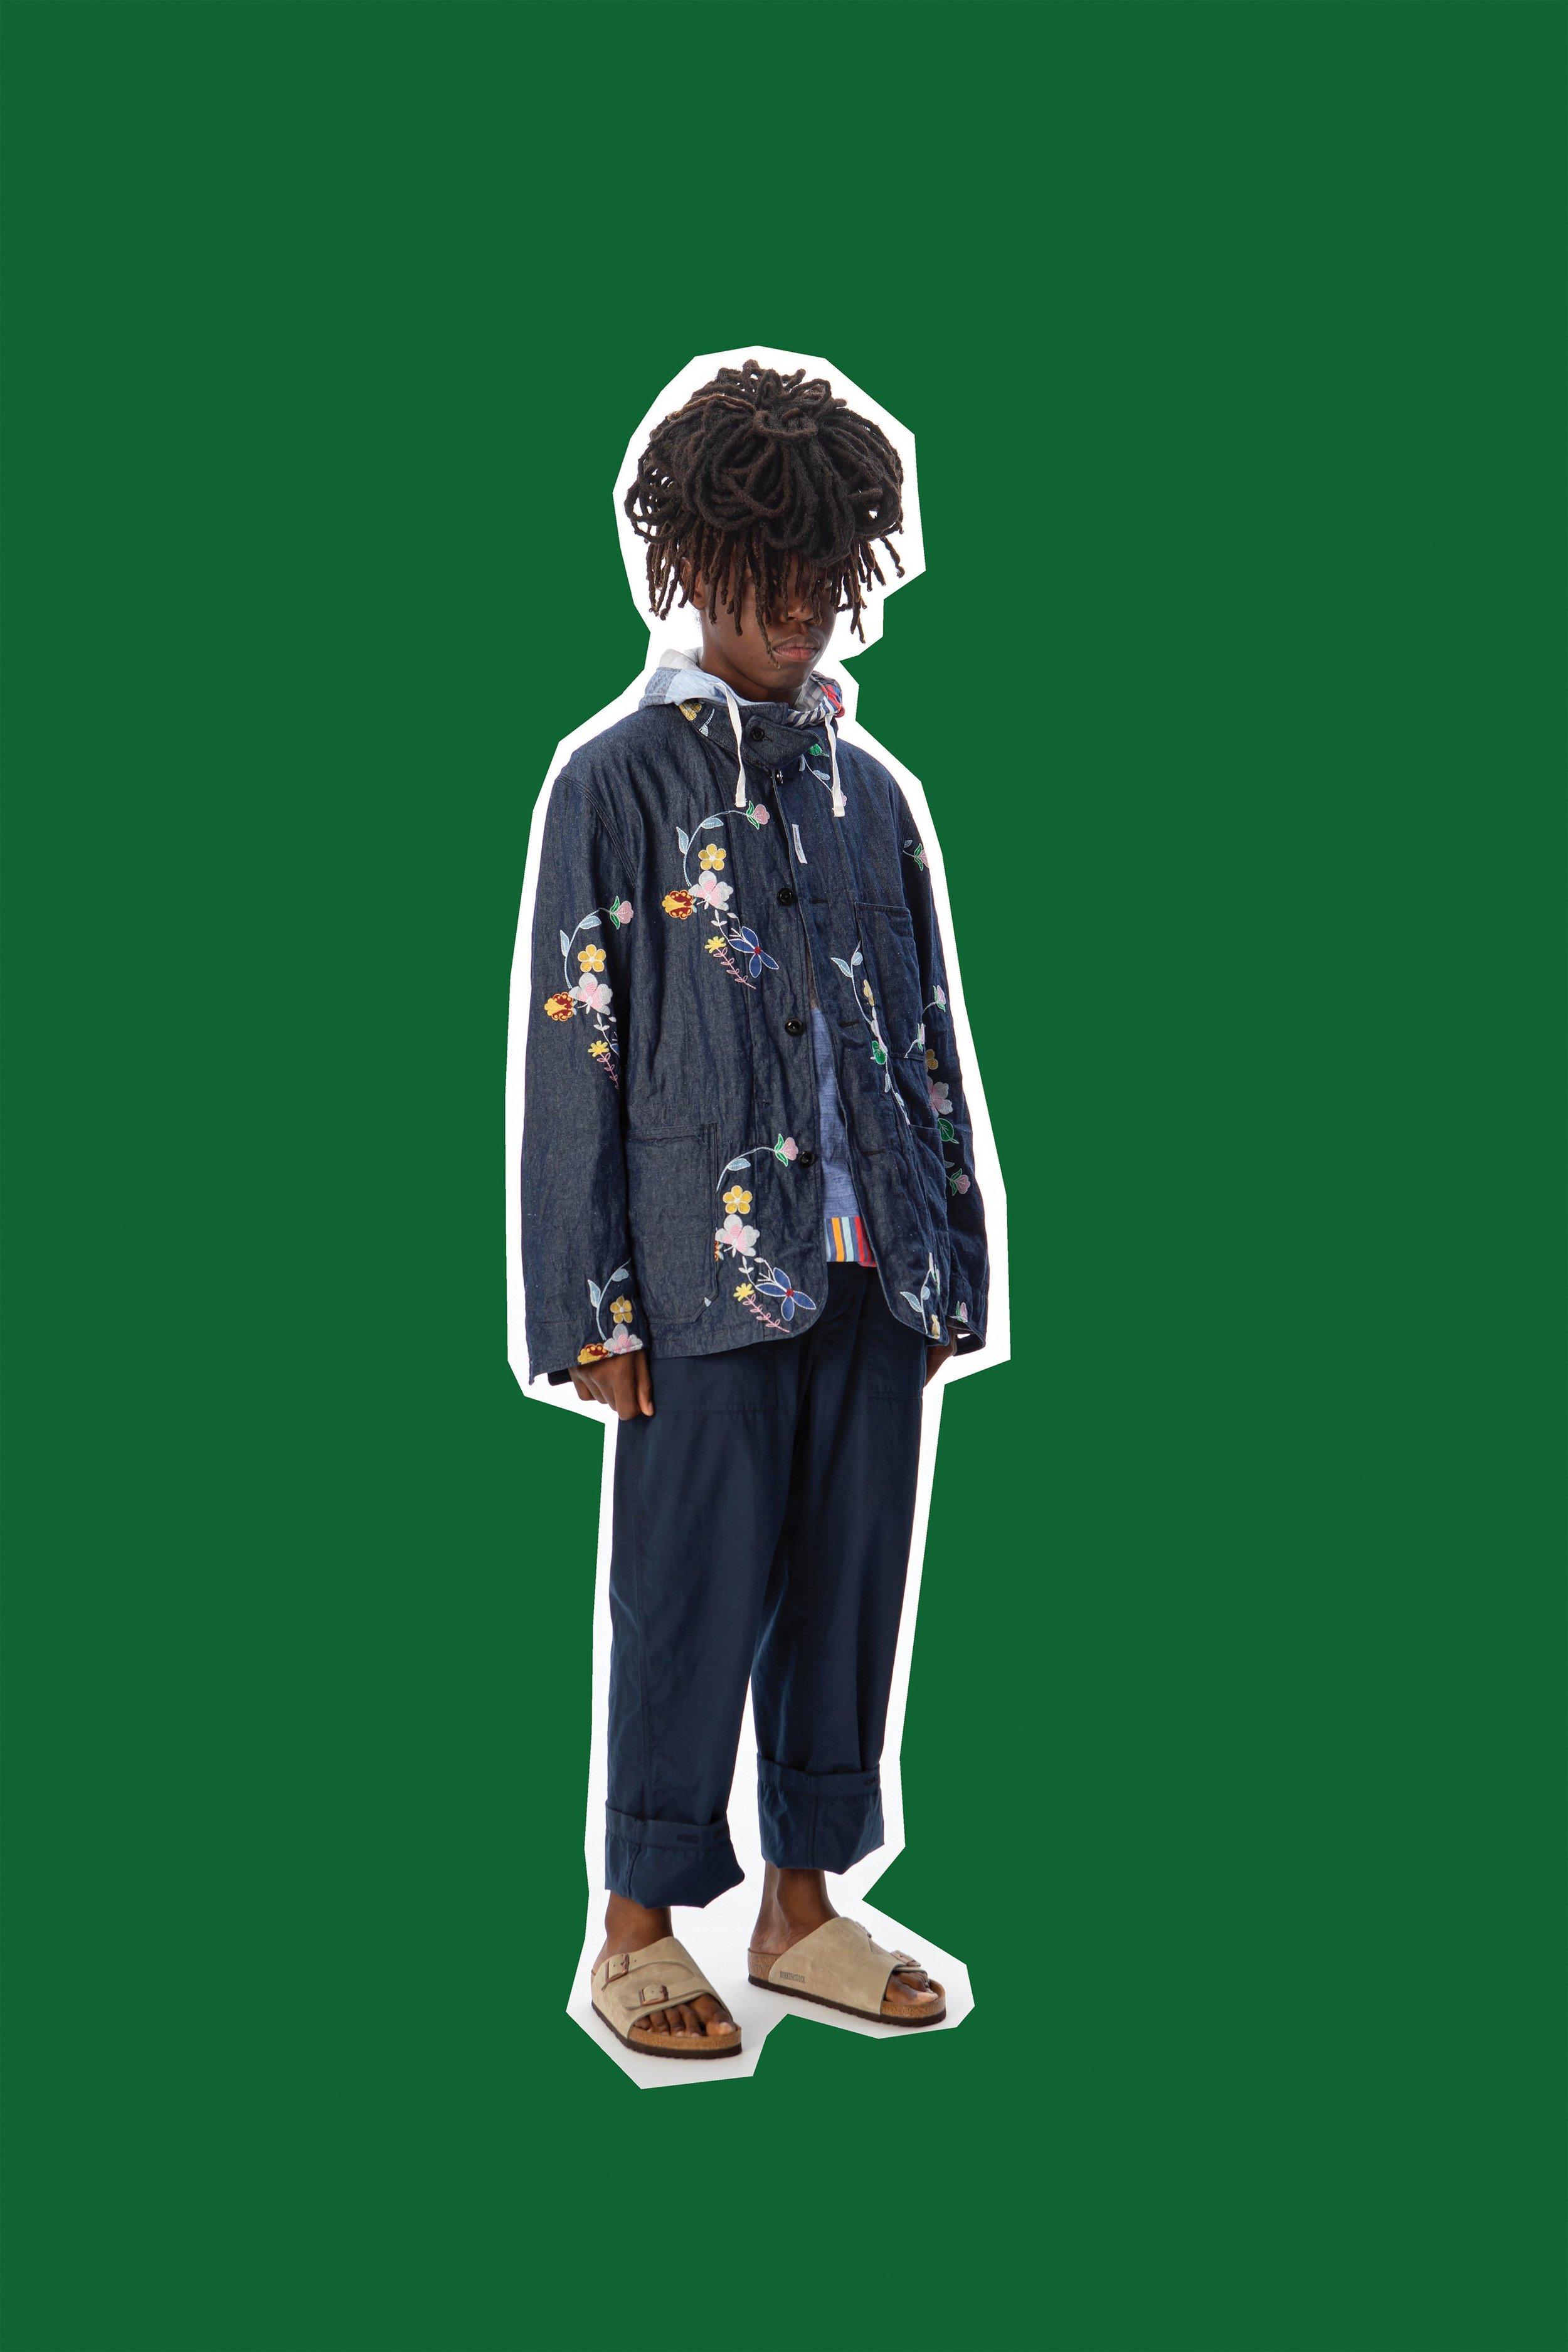 00002-Engineered-Garments-Mens-Spring-2020.jpg